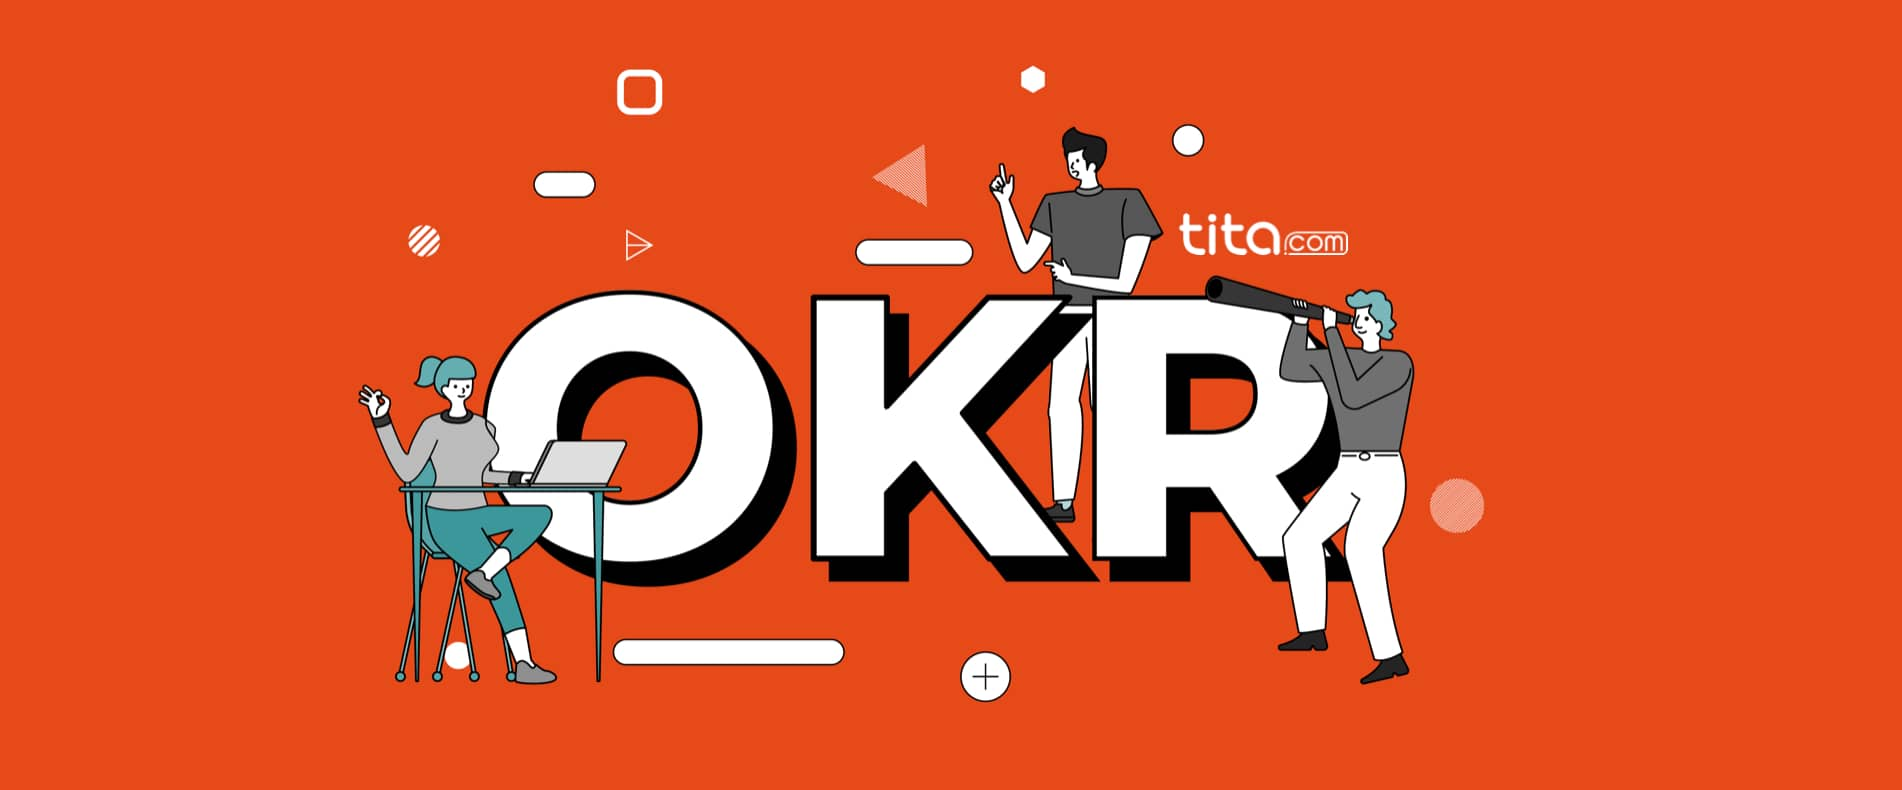 企业培训部的 OKR 案例